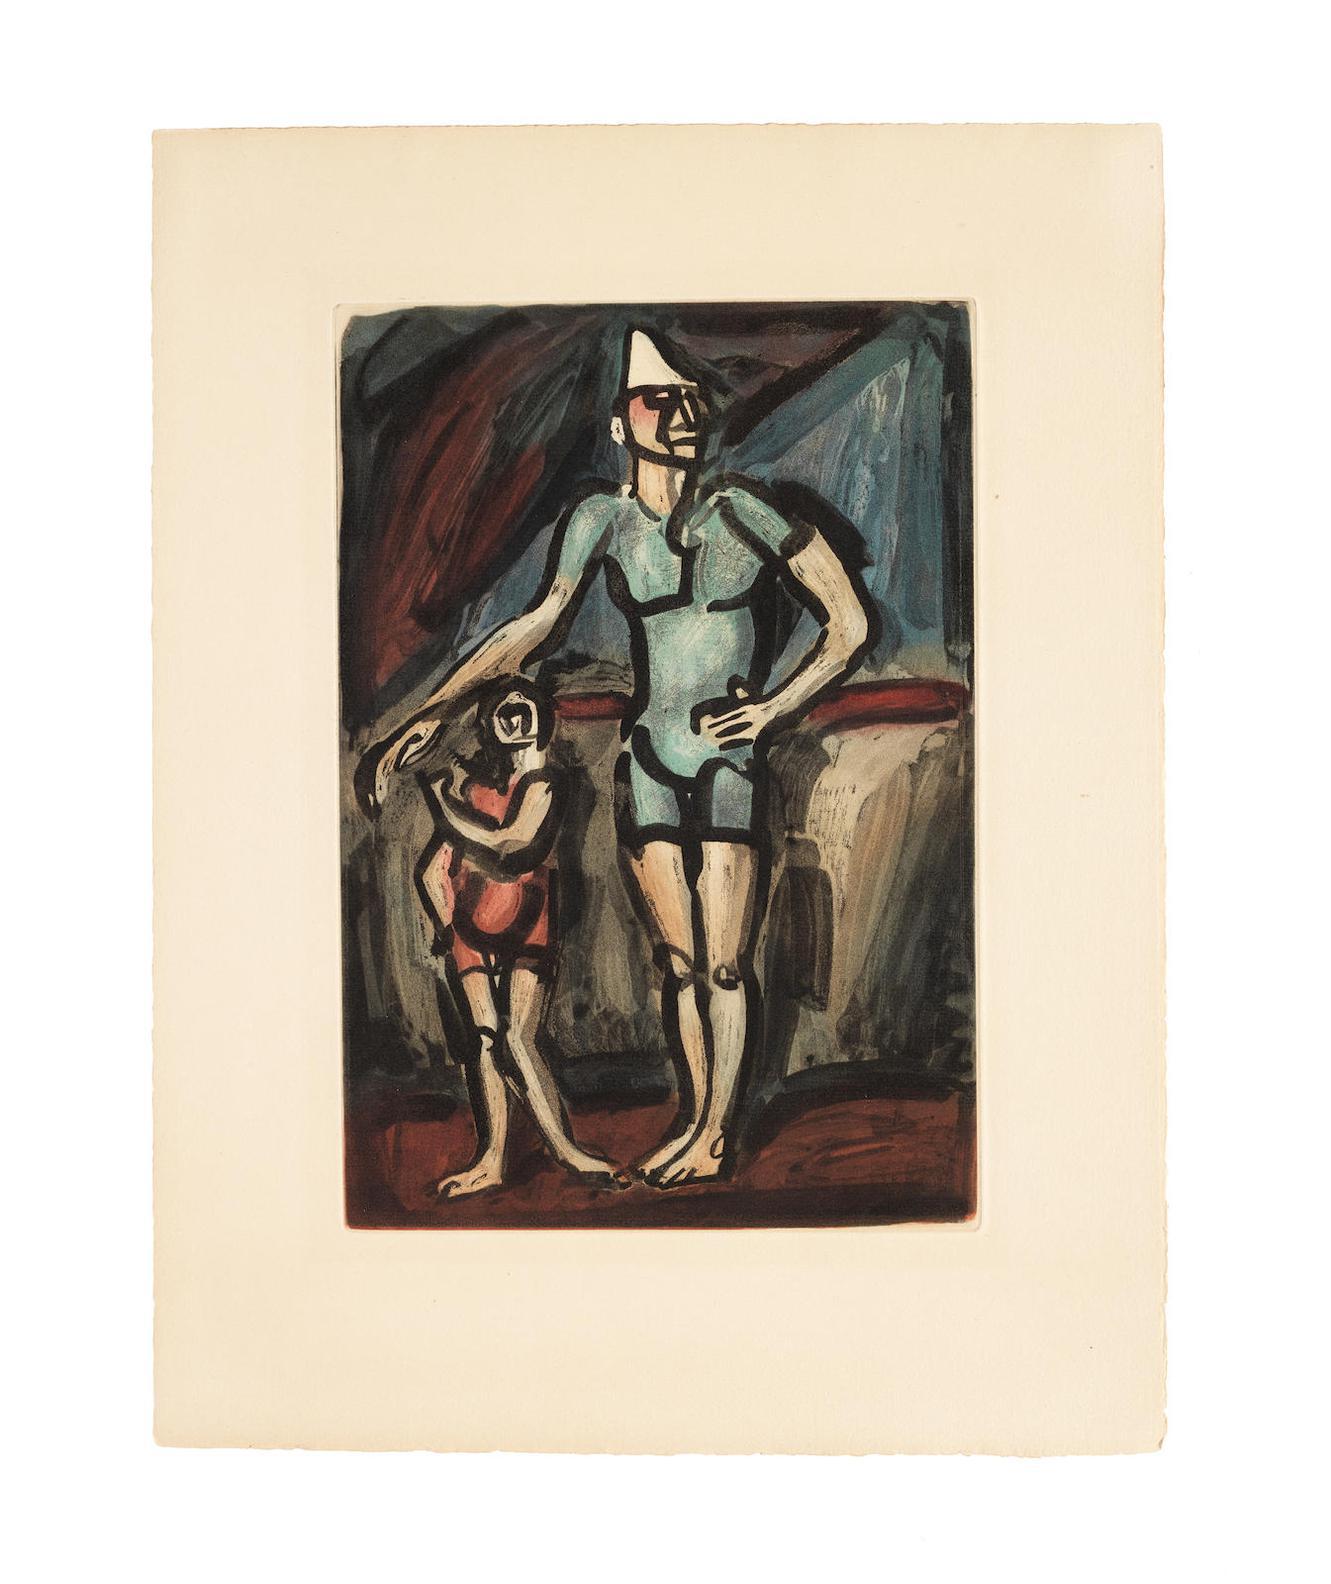 Georges Rouault-Plates II,III,IV From Cirque (Chapon Rouault 199-201) - Jongleur, Le Clown a la Grosse Caisse, Clown et enfant-1930